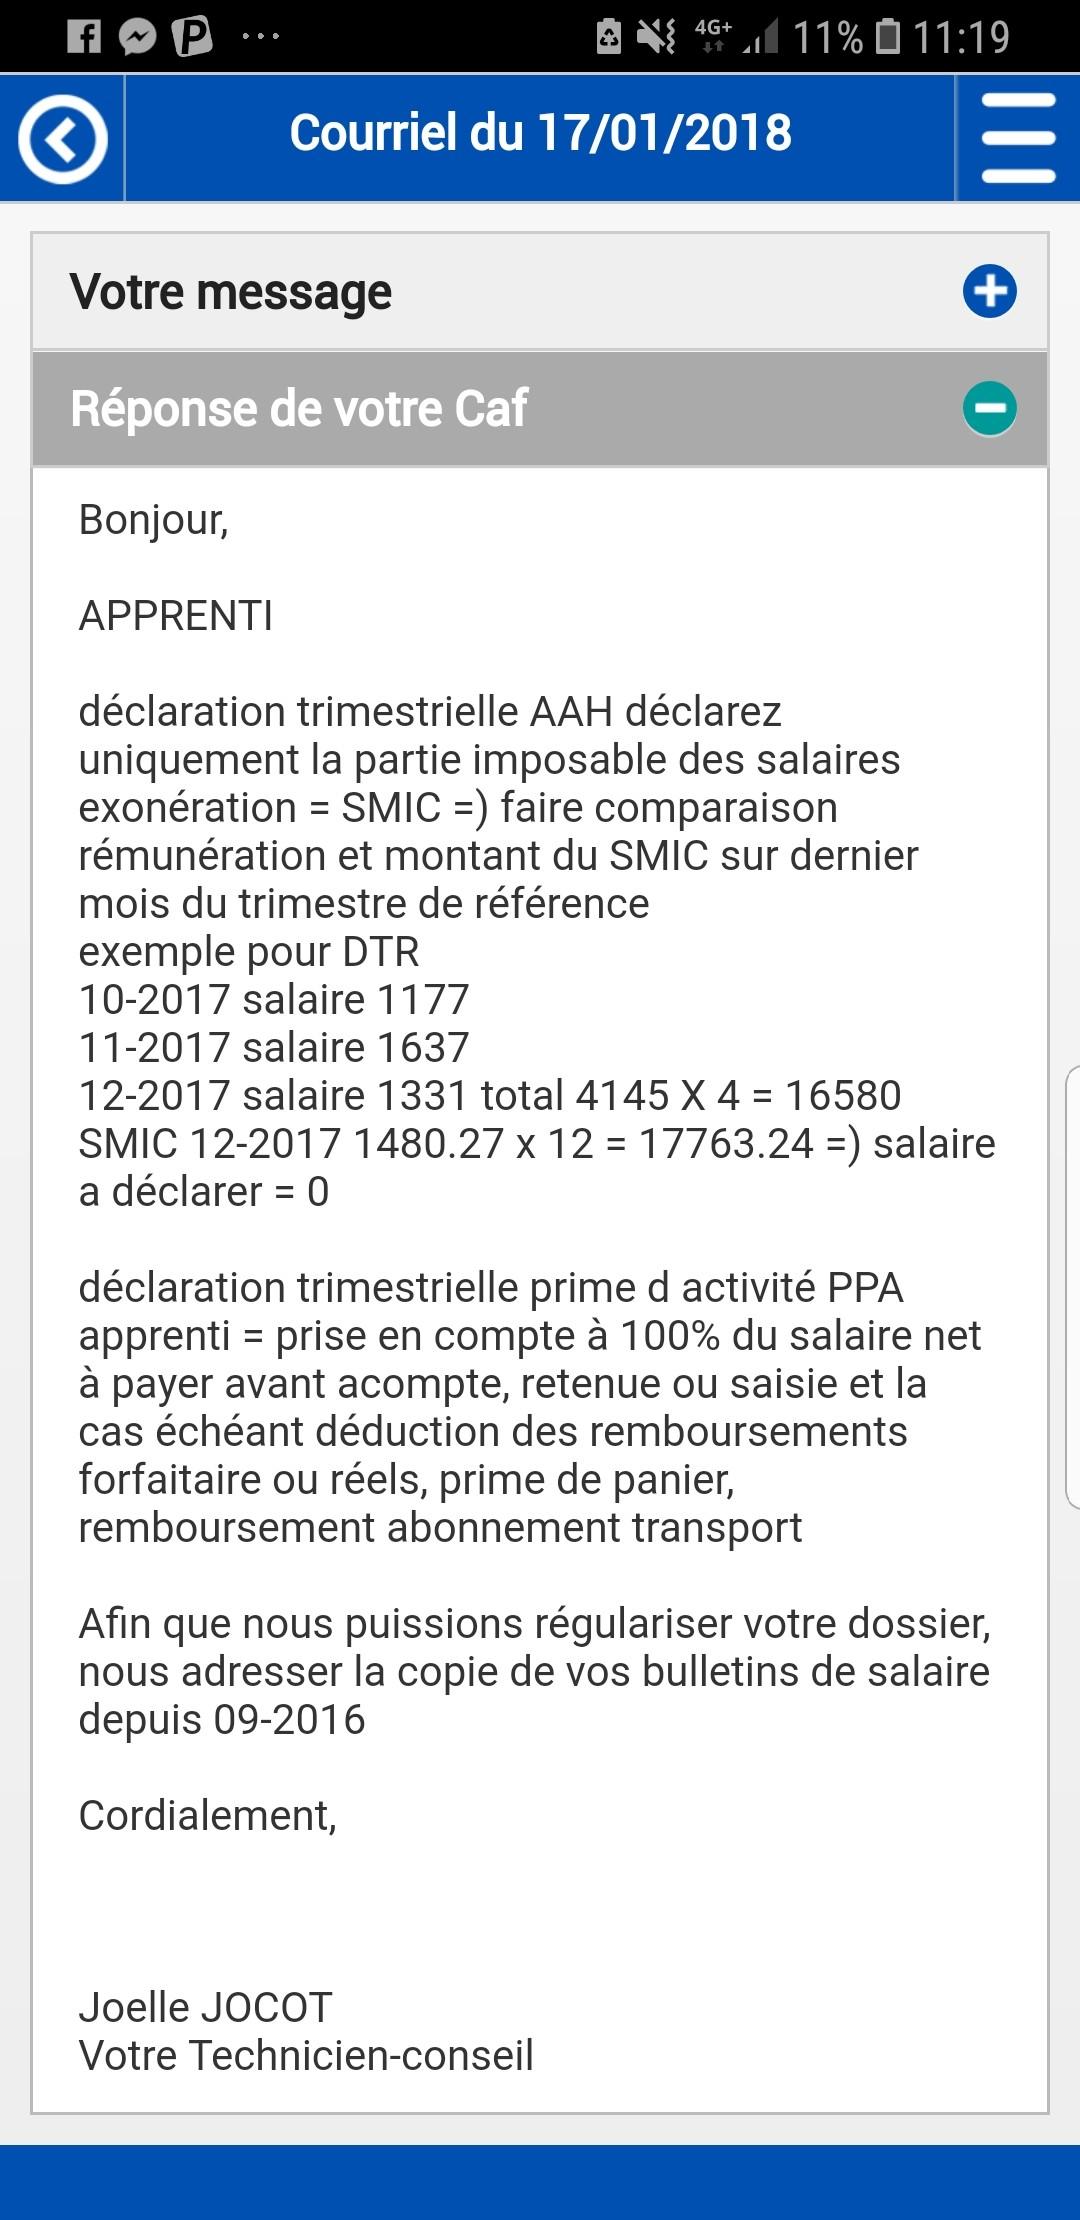 Caf Aah En Apprentissage Impots Forum Vie Pratique